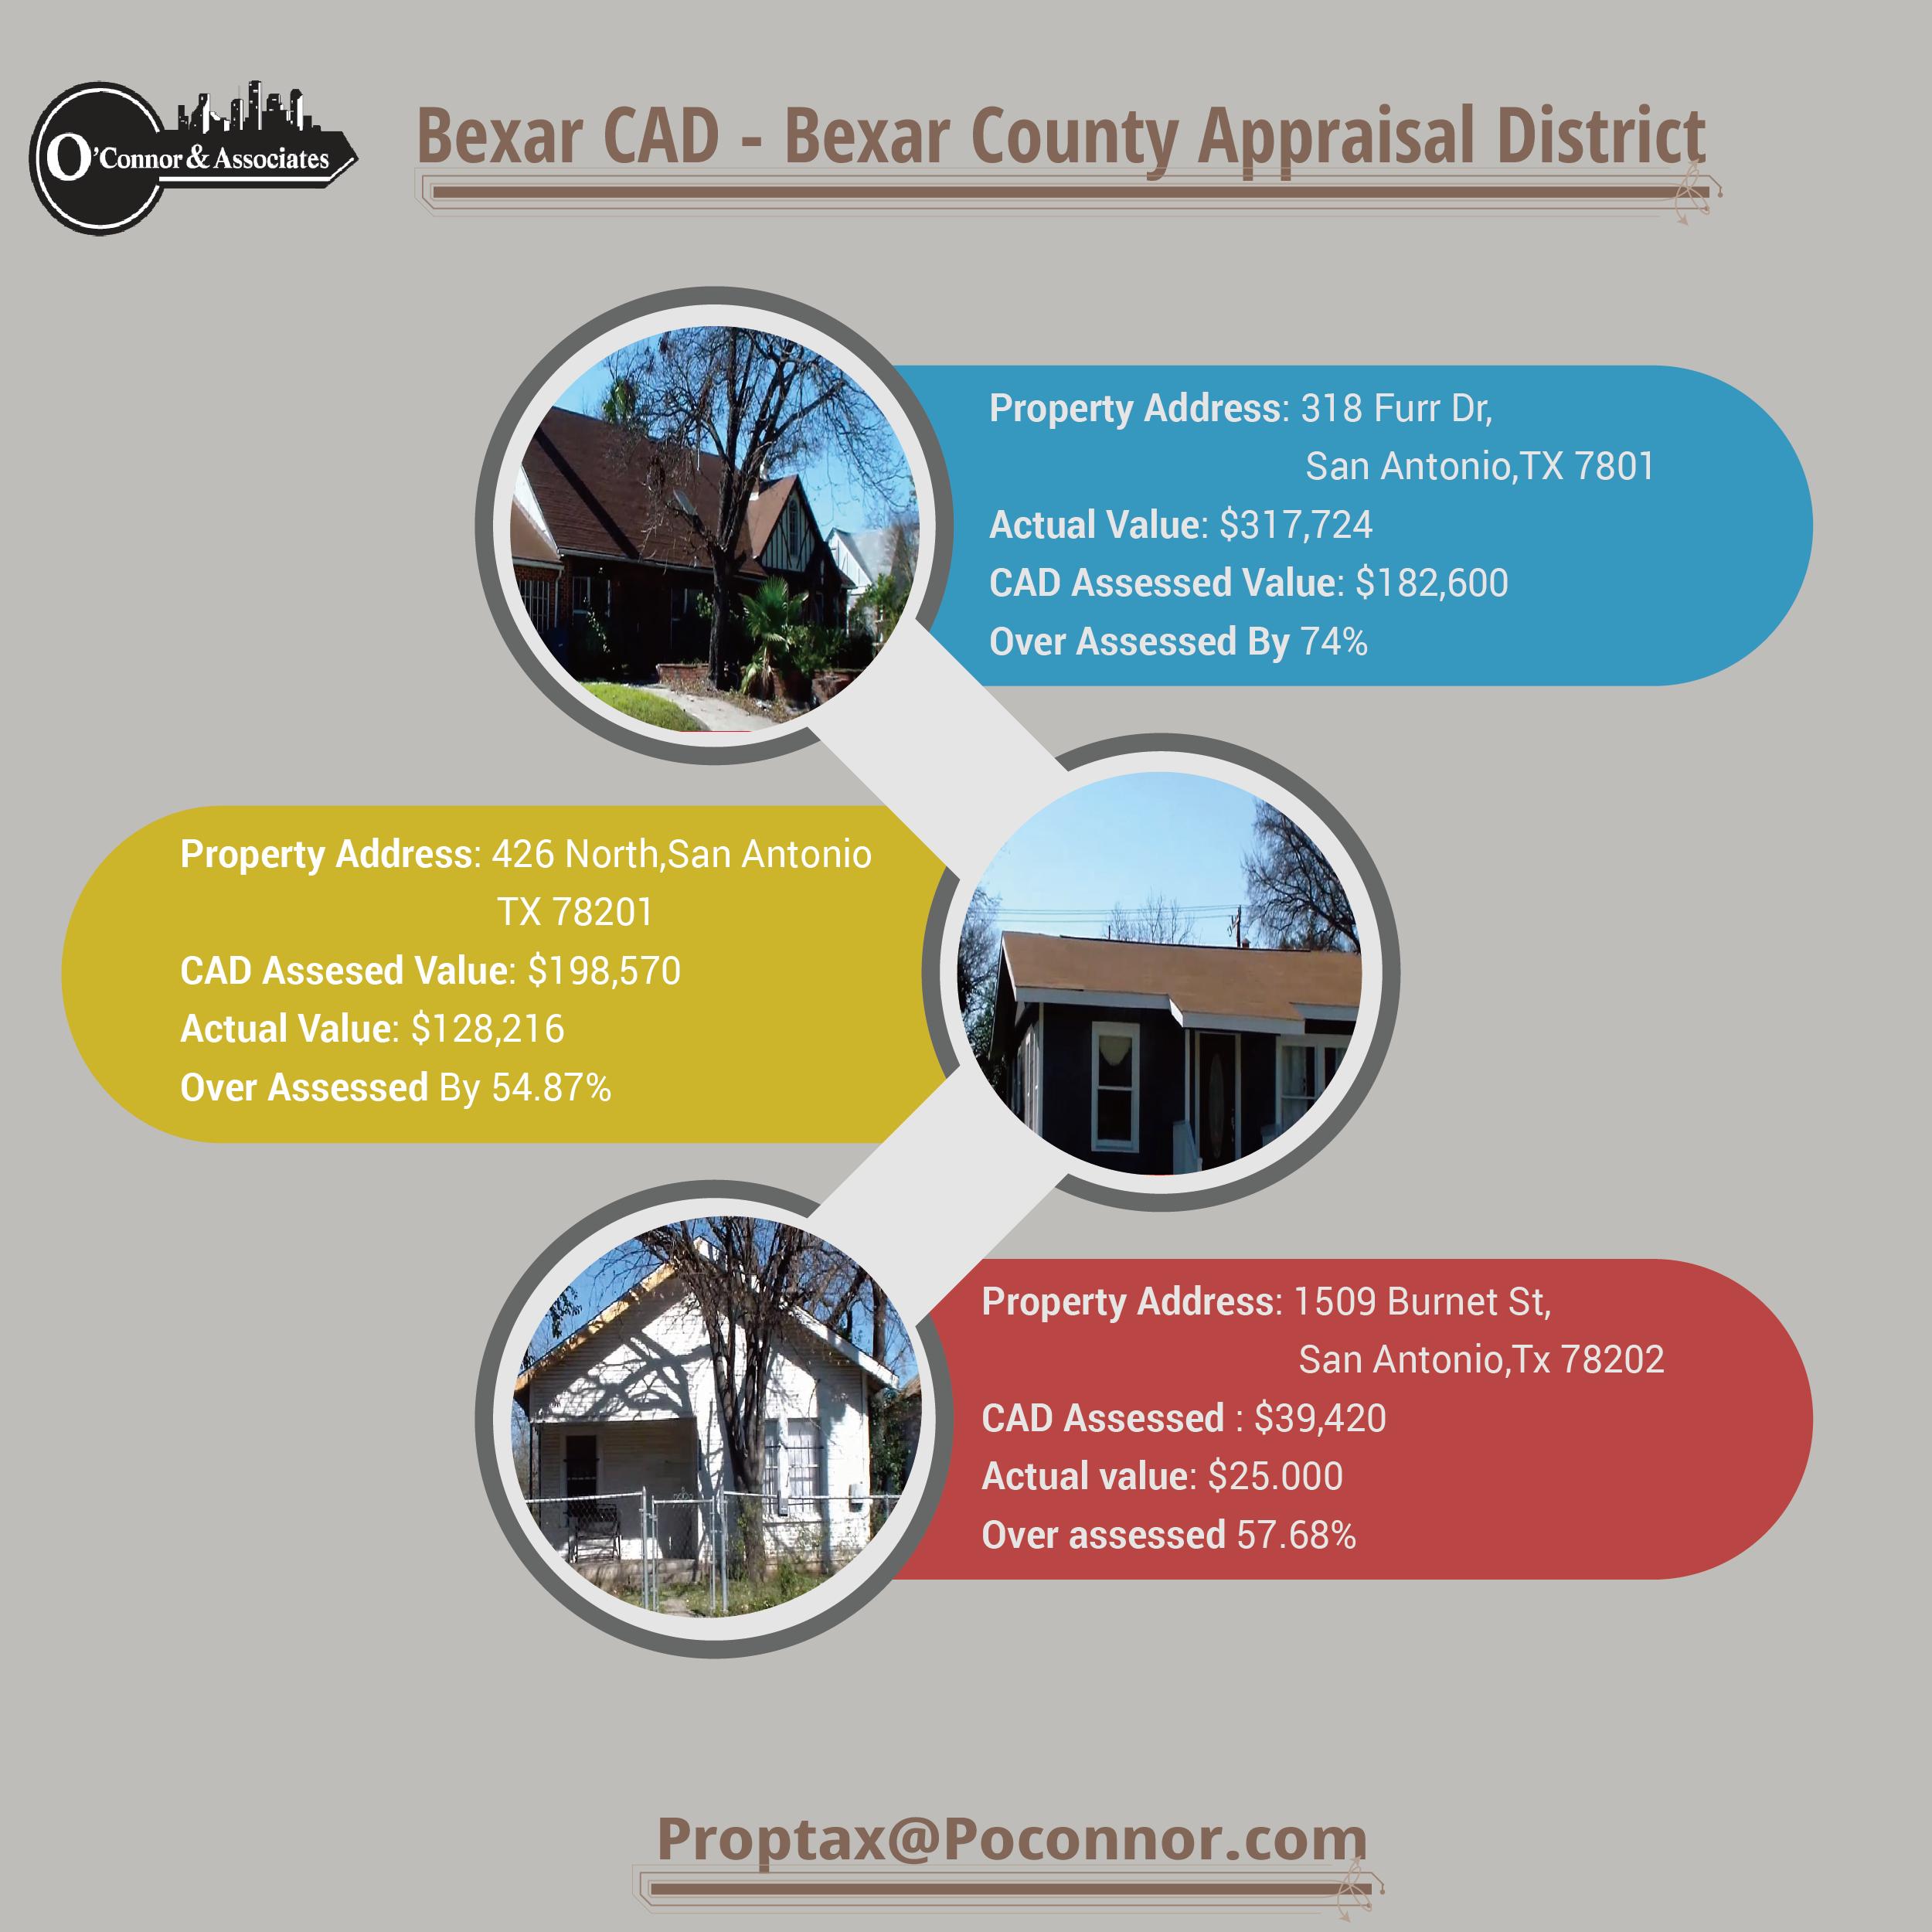 bexar county cad